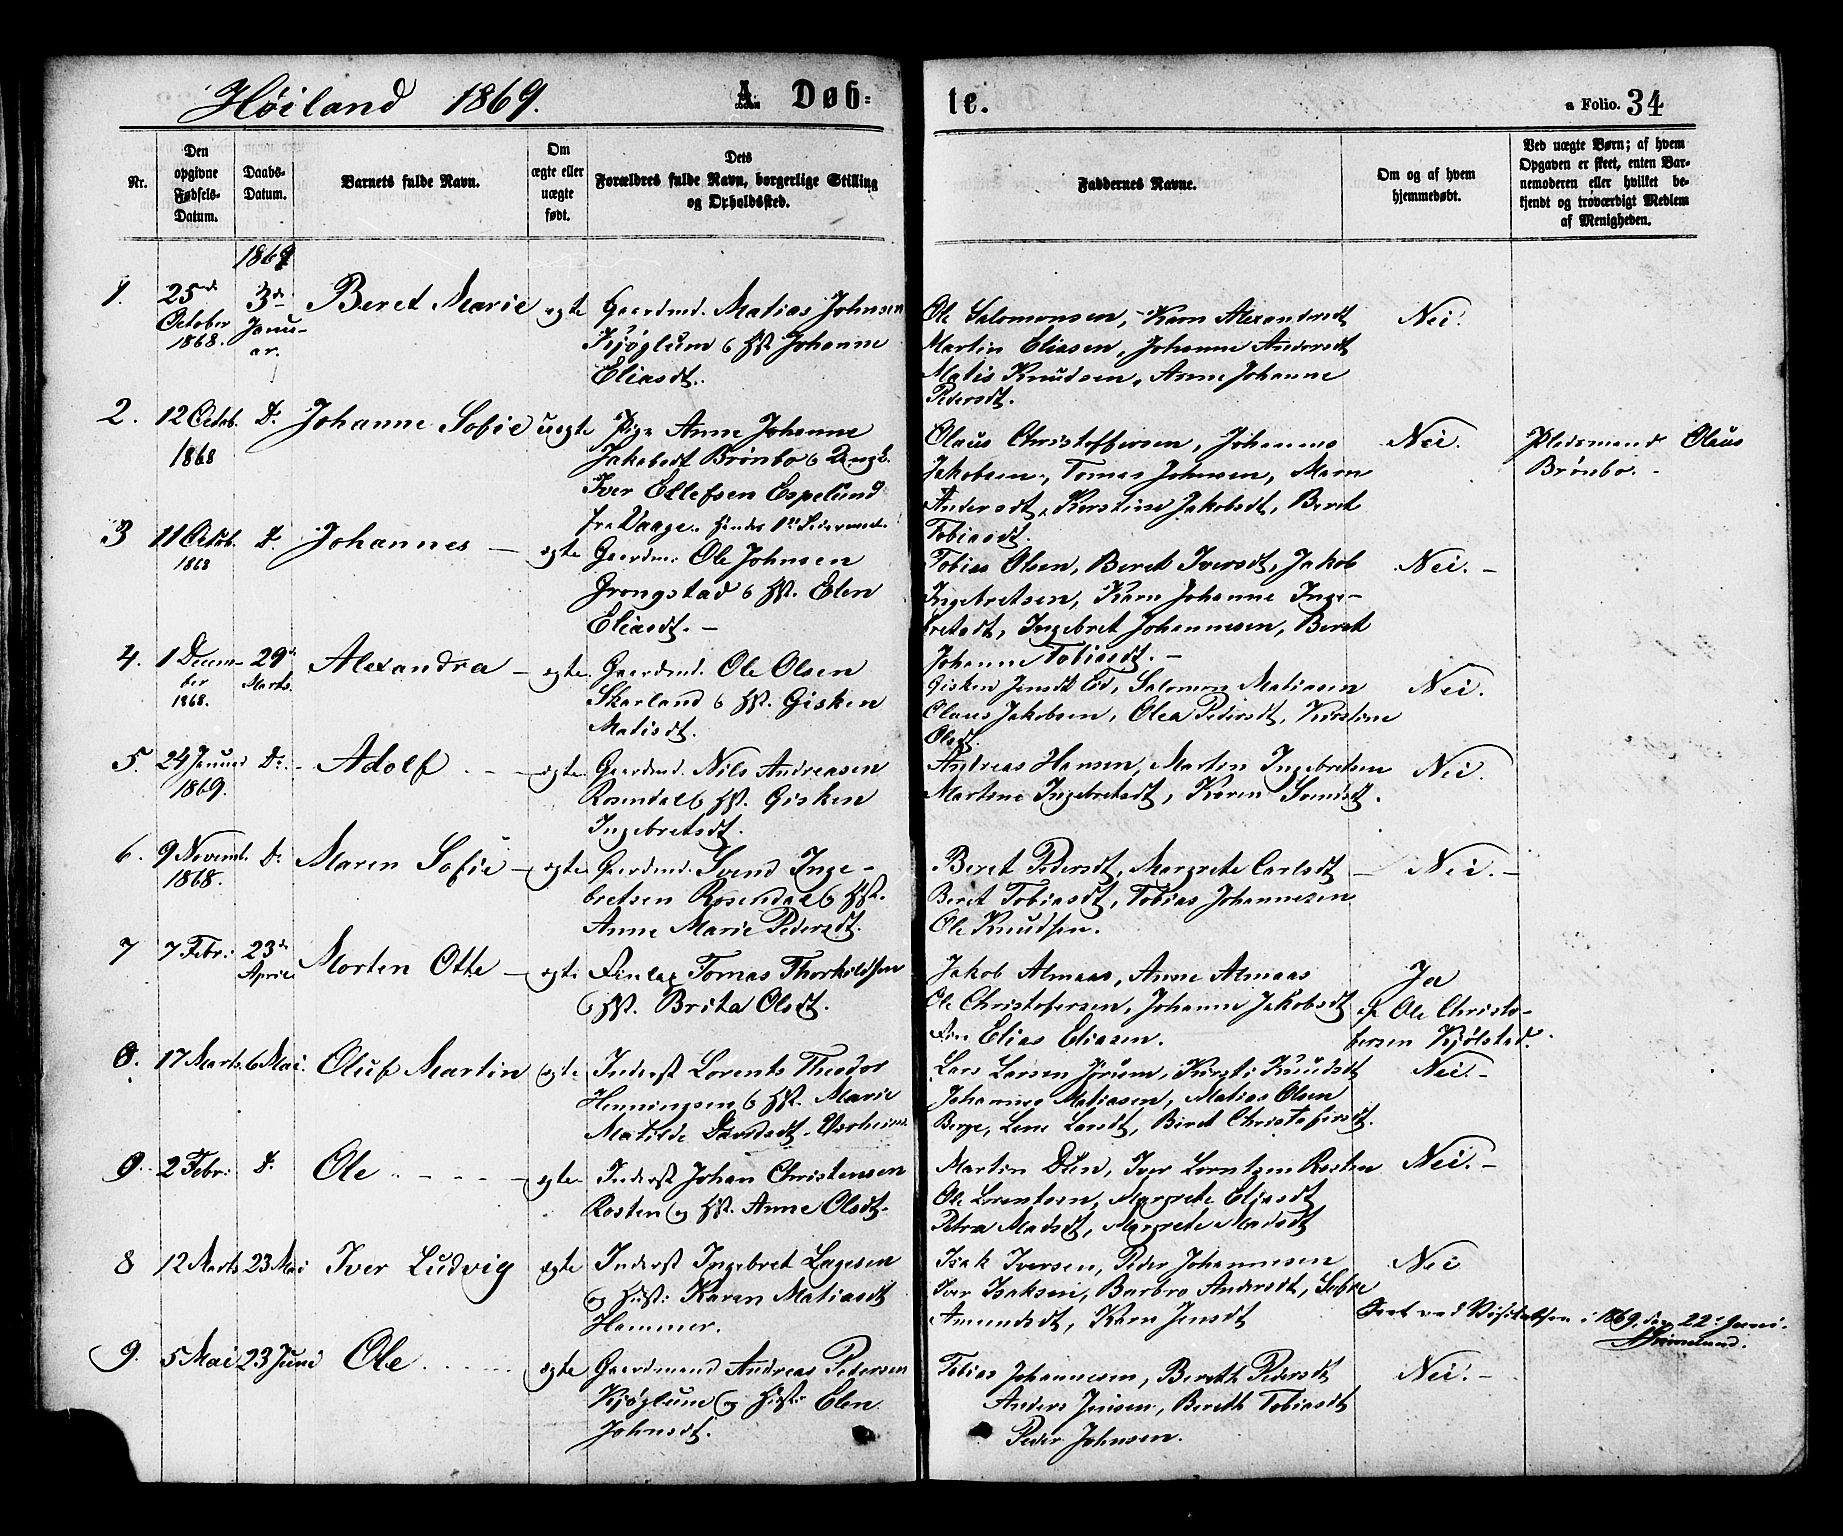 SAT, Ministerialprotokoller, klokkerbøker og fødselsregistre - Nord-Trøndelag, 758/L0516: Ministerialbok nr. 758A03 /2, 1869-1879, s. 34